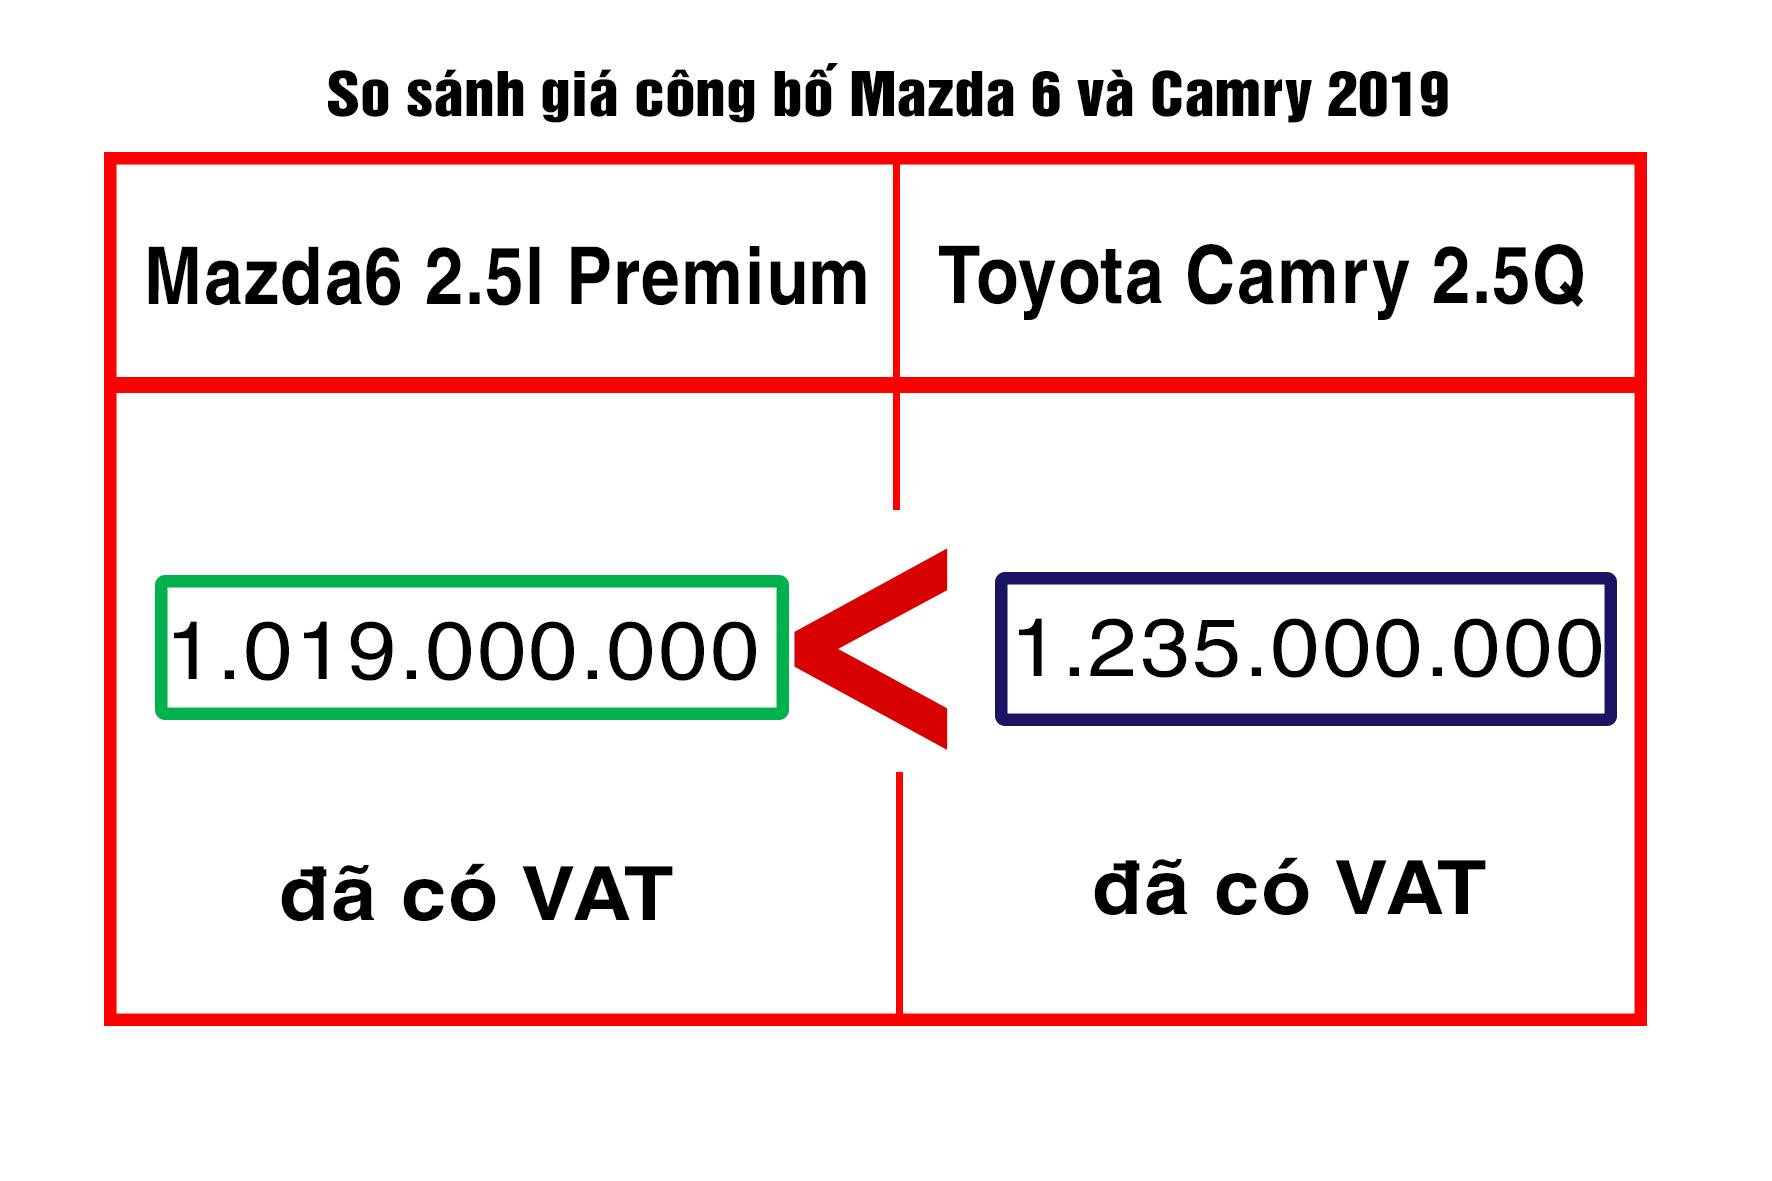 so sánh giá camry 2.5Q và Mazda 6